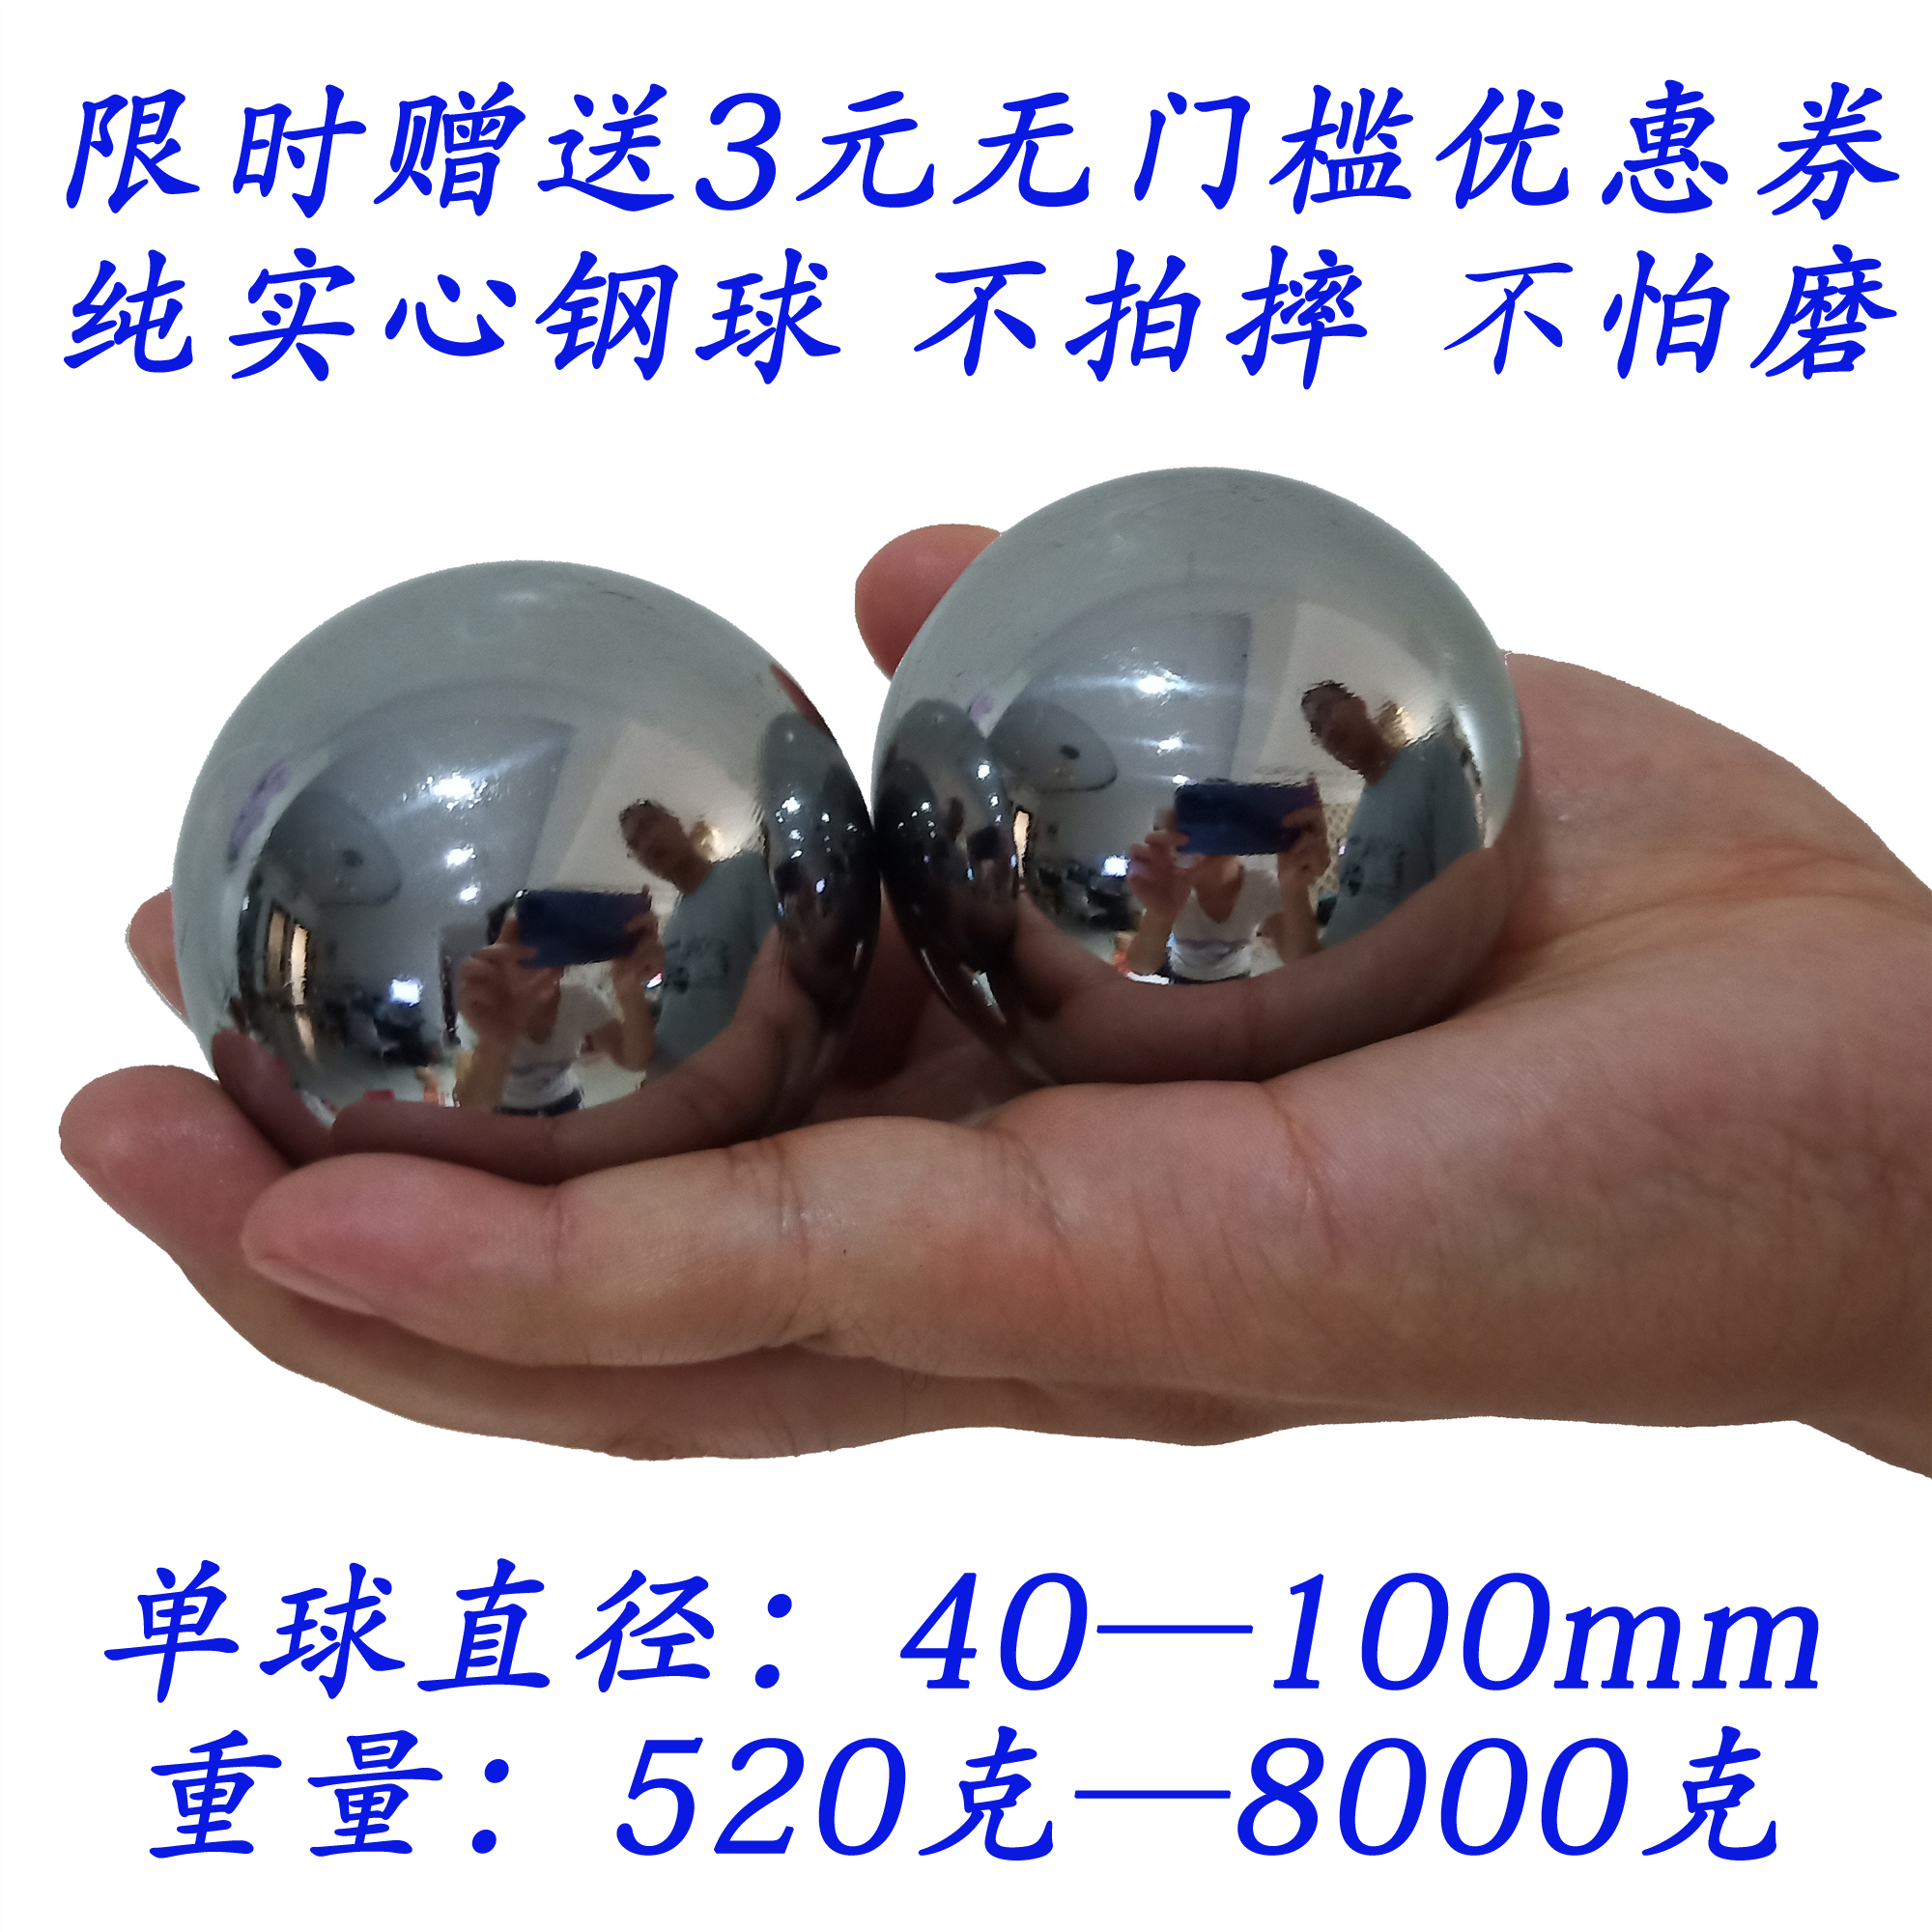 保定铁球实心钢球健身球手球保健球手握球转球按摩球中老年铁蛋子